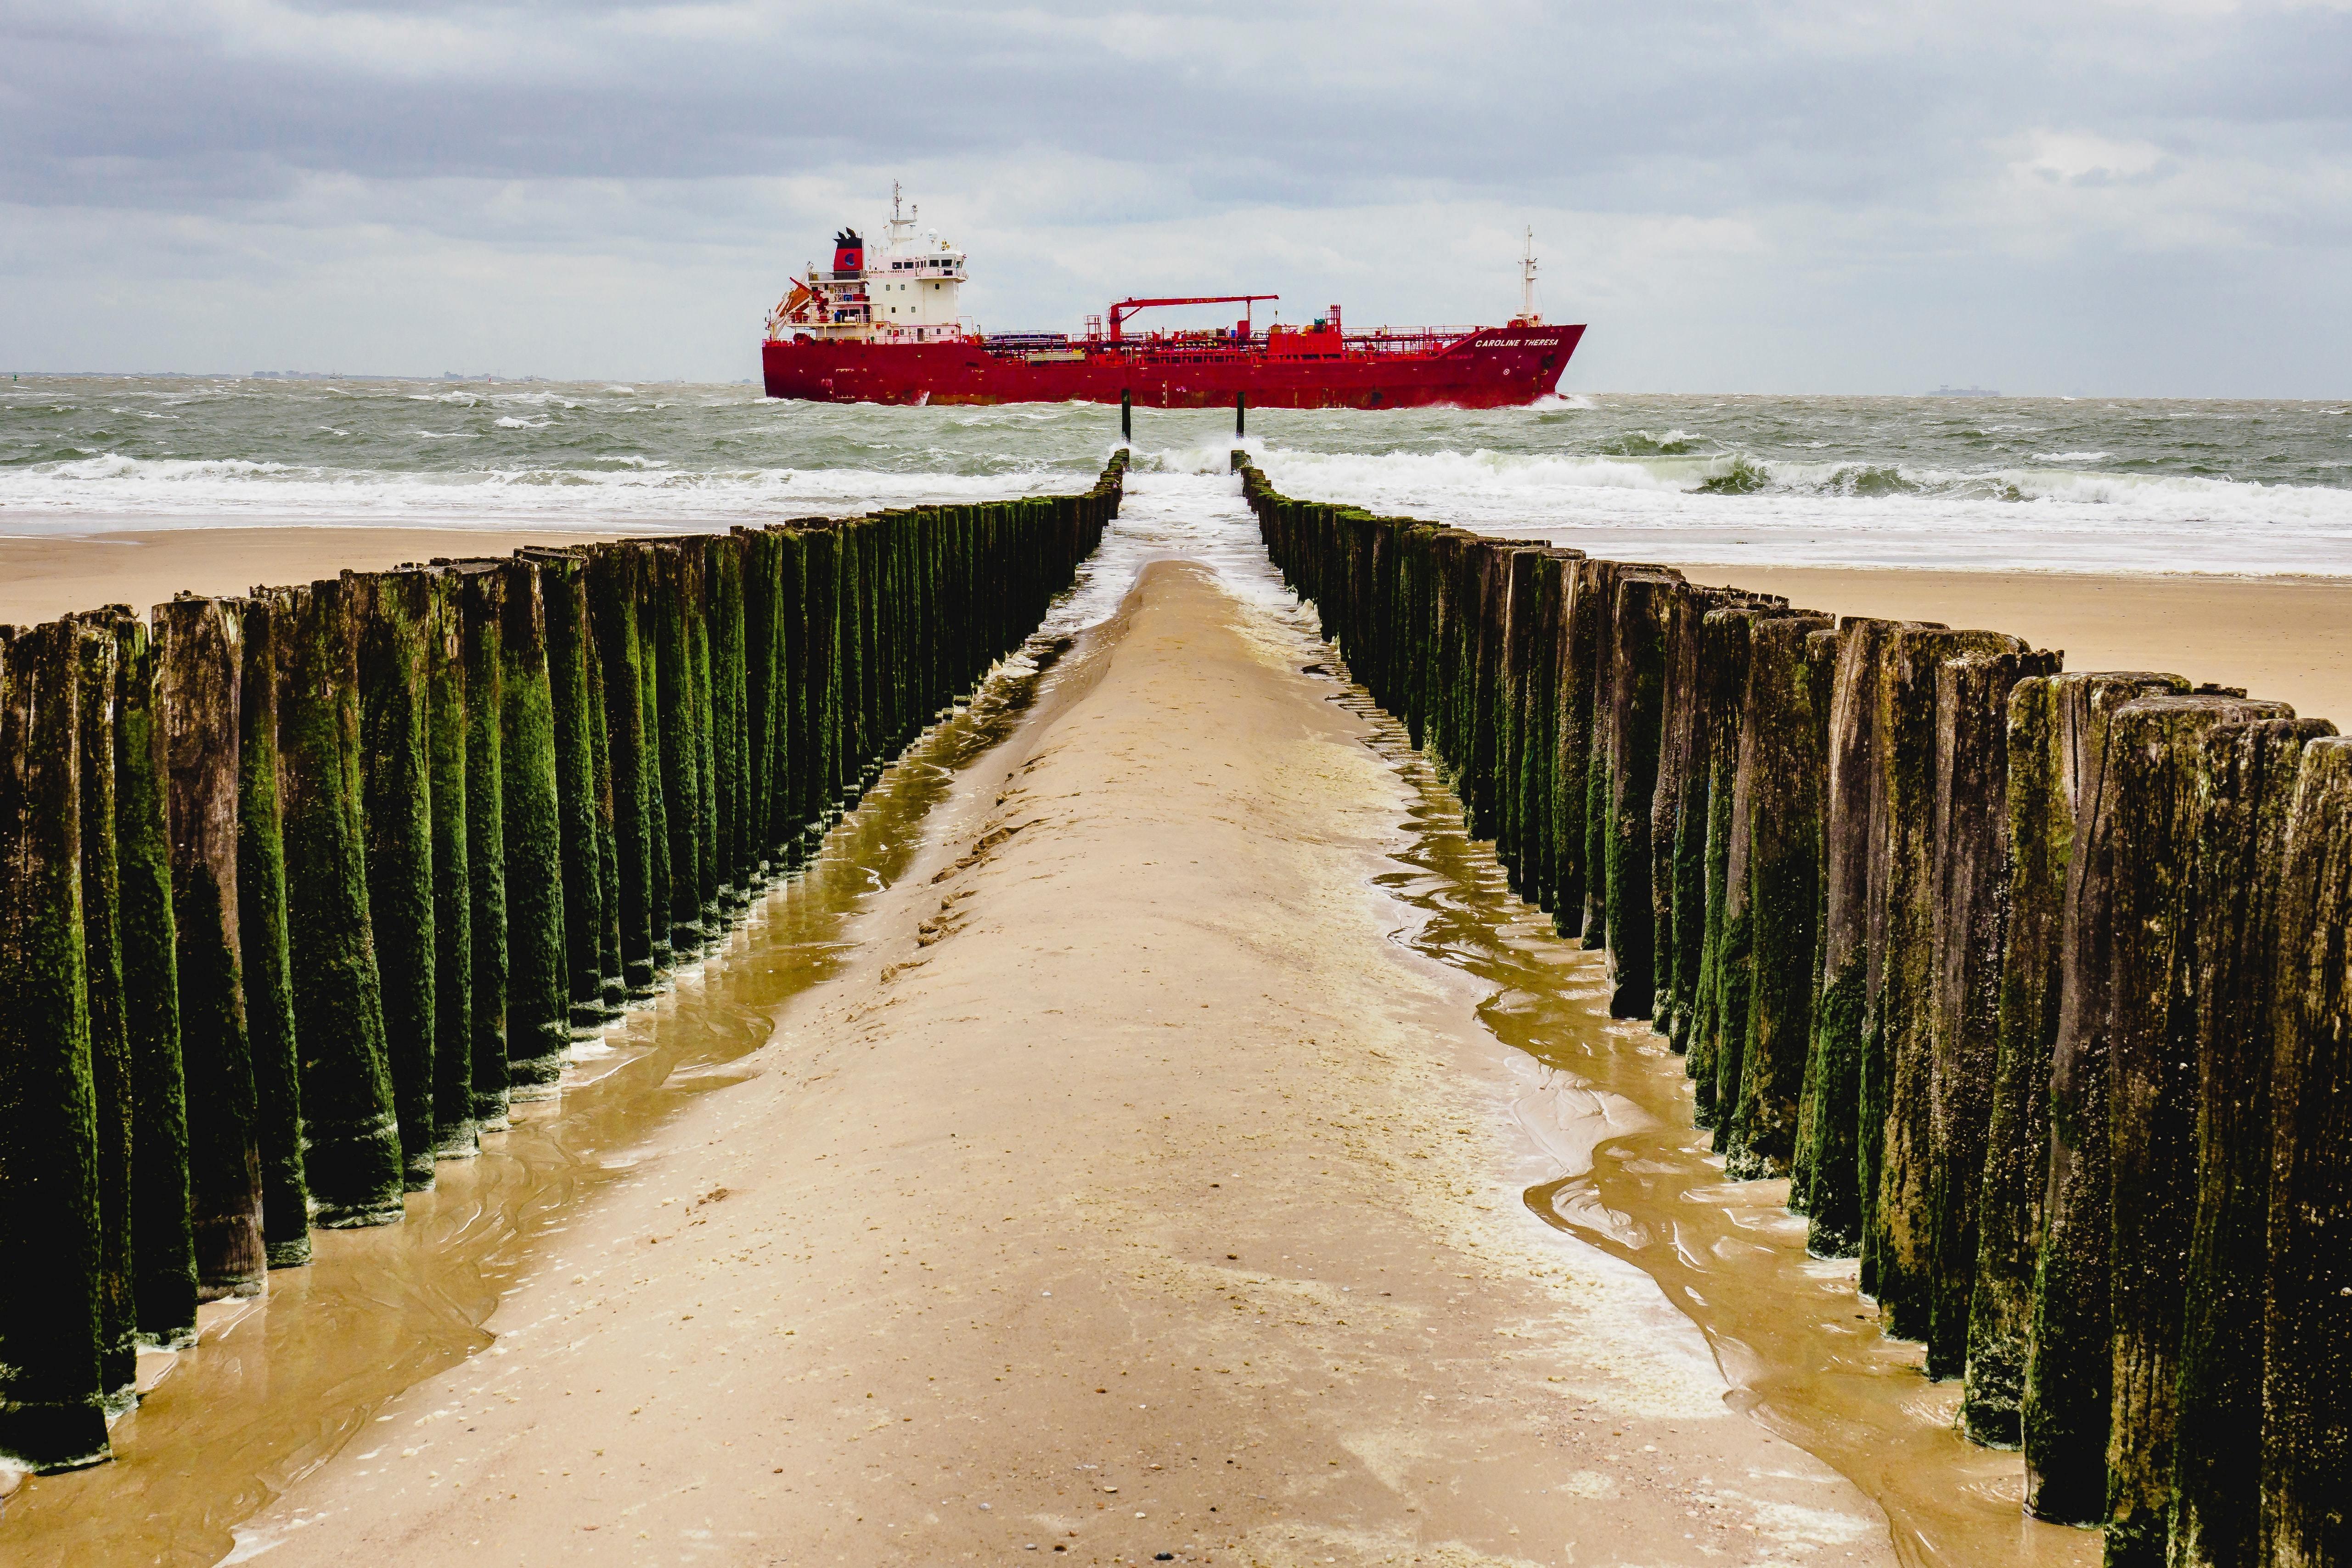 Caroline Theresa Oil/Chemical Tanker Zoutelande, Zeeland, the Netherlands